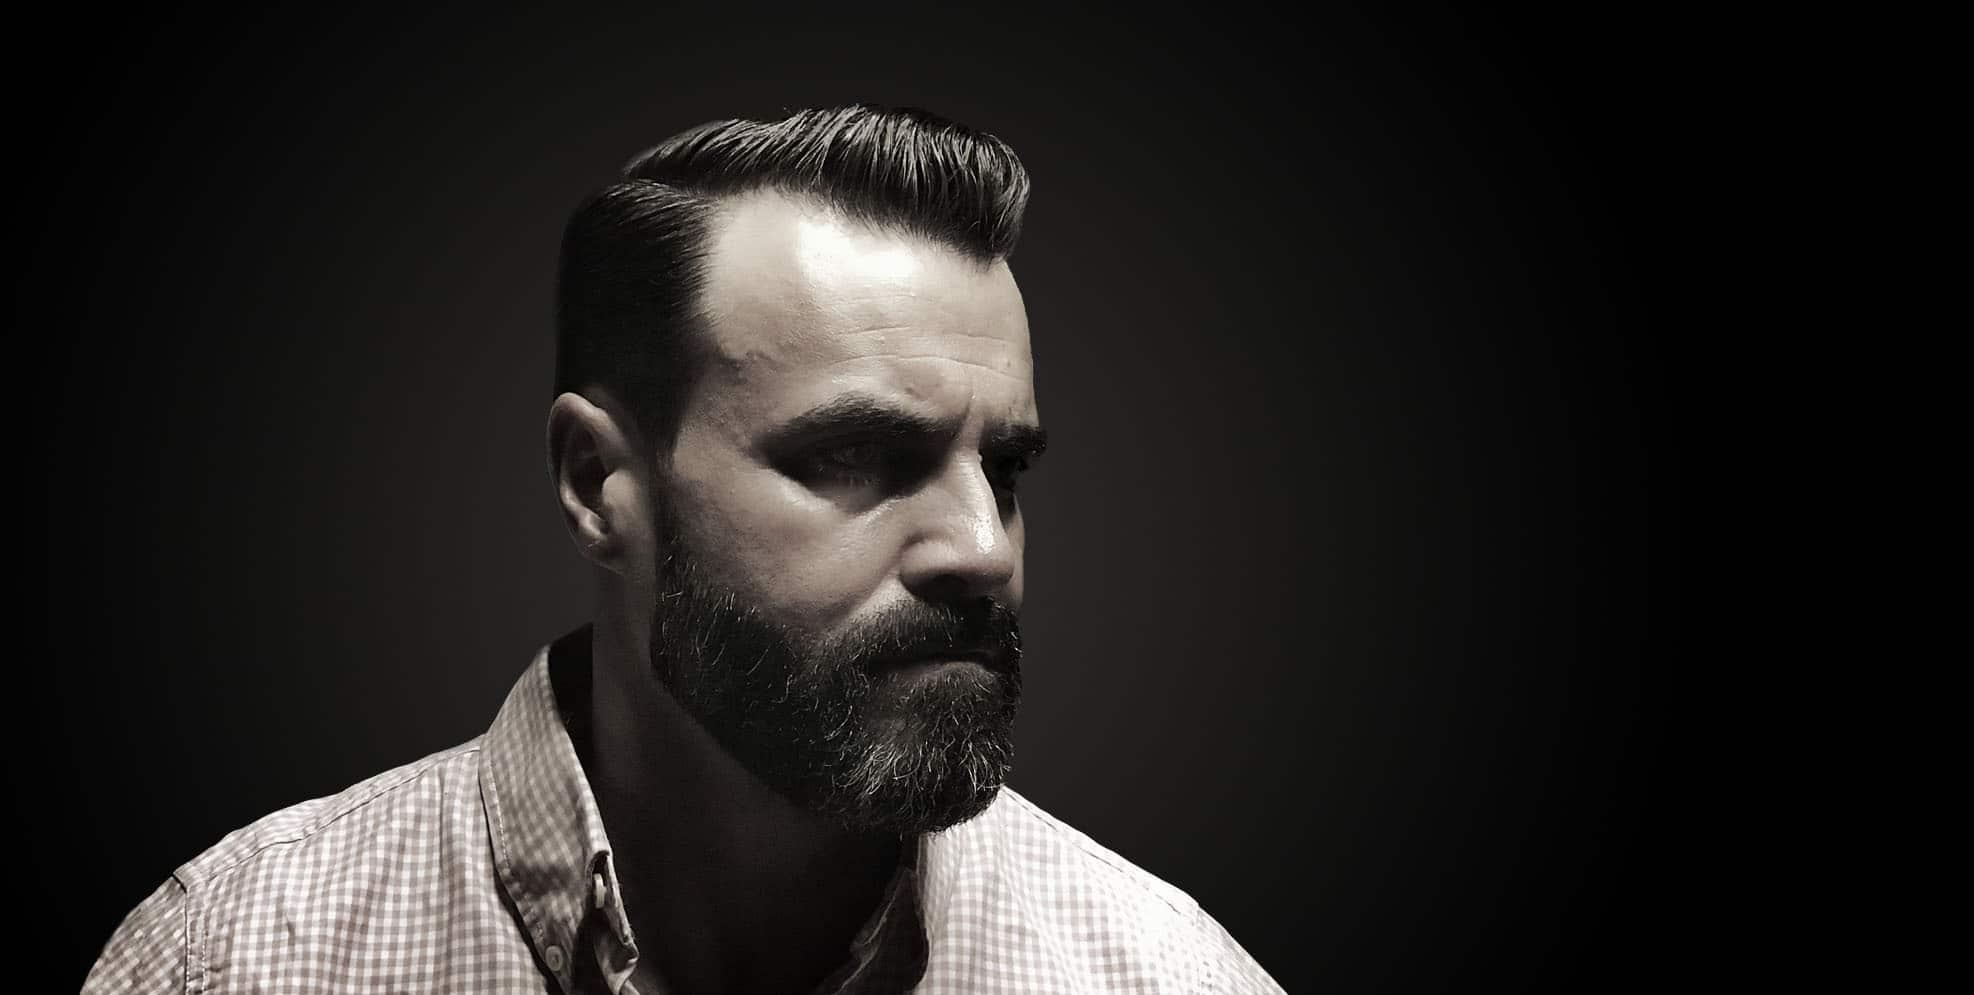 Arreglo de barba y corte de pelo